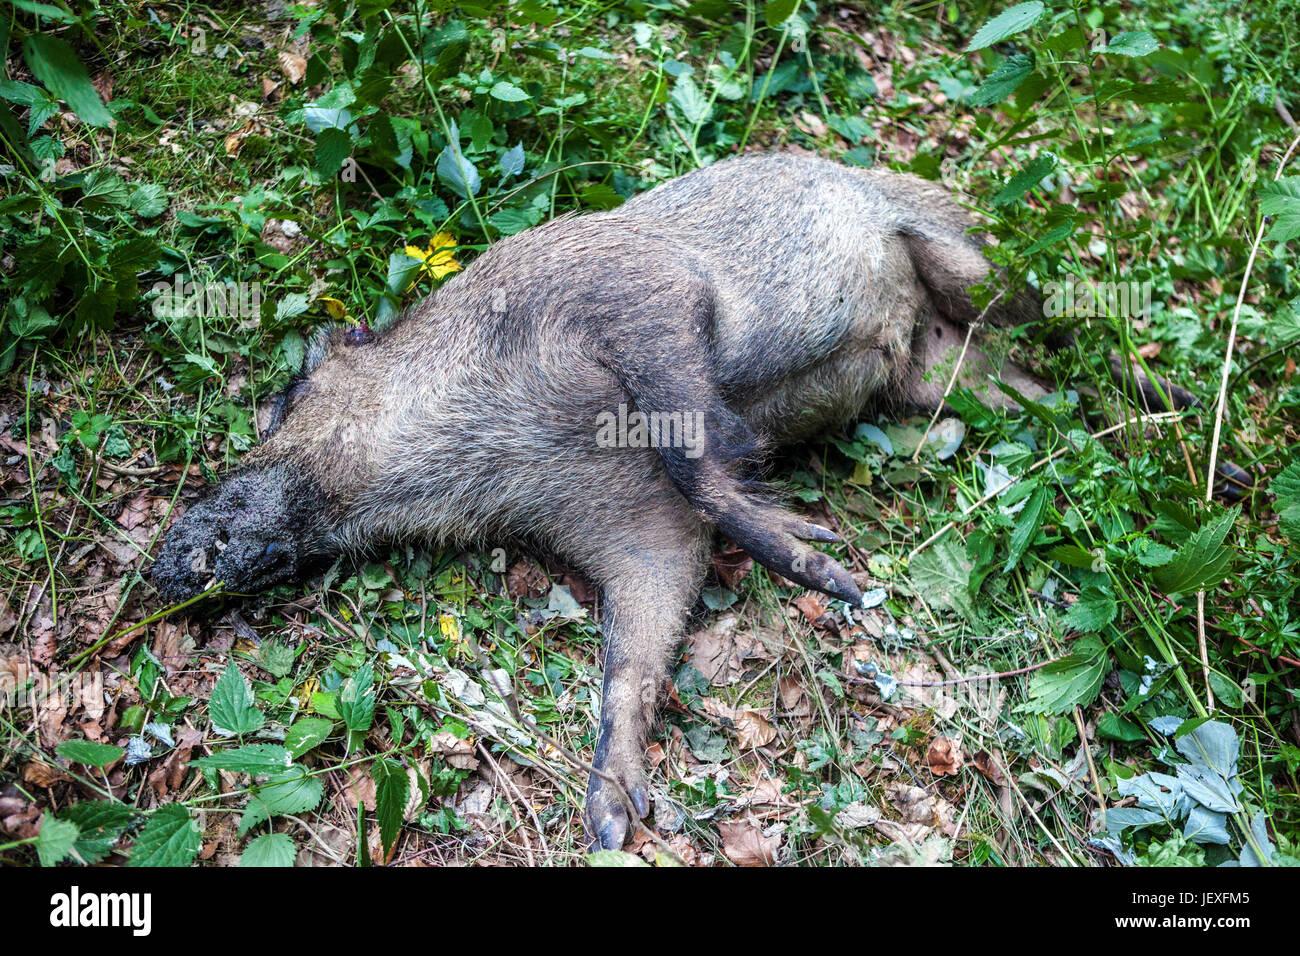 Toten Wildschwein sus scrofa im Wald liegen, tschechische Republik, Europa Stockbild